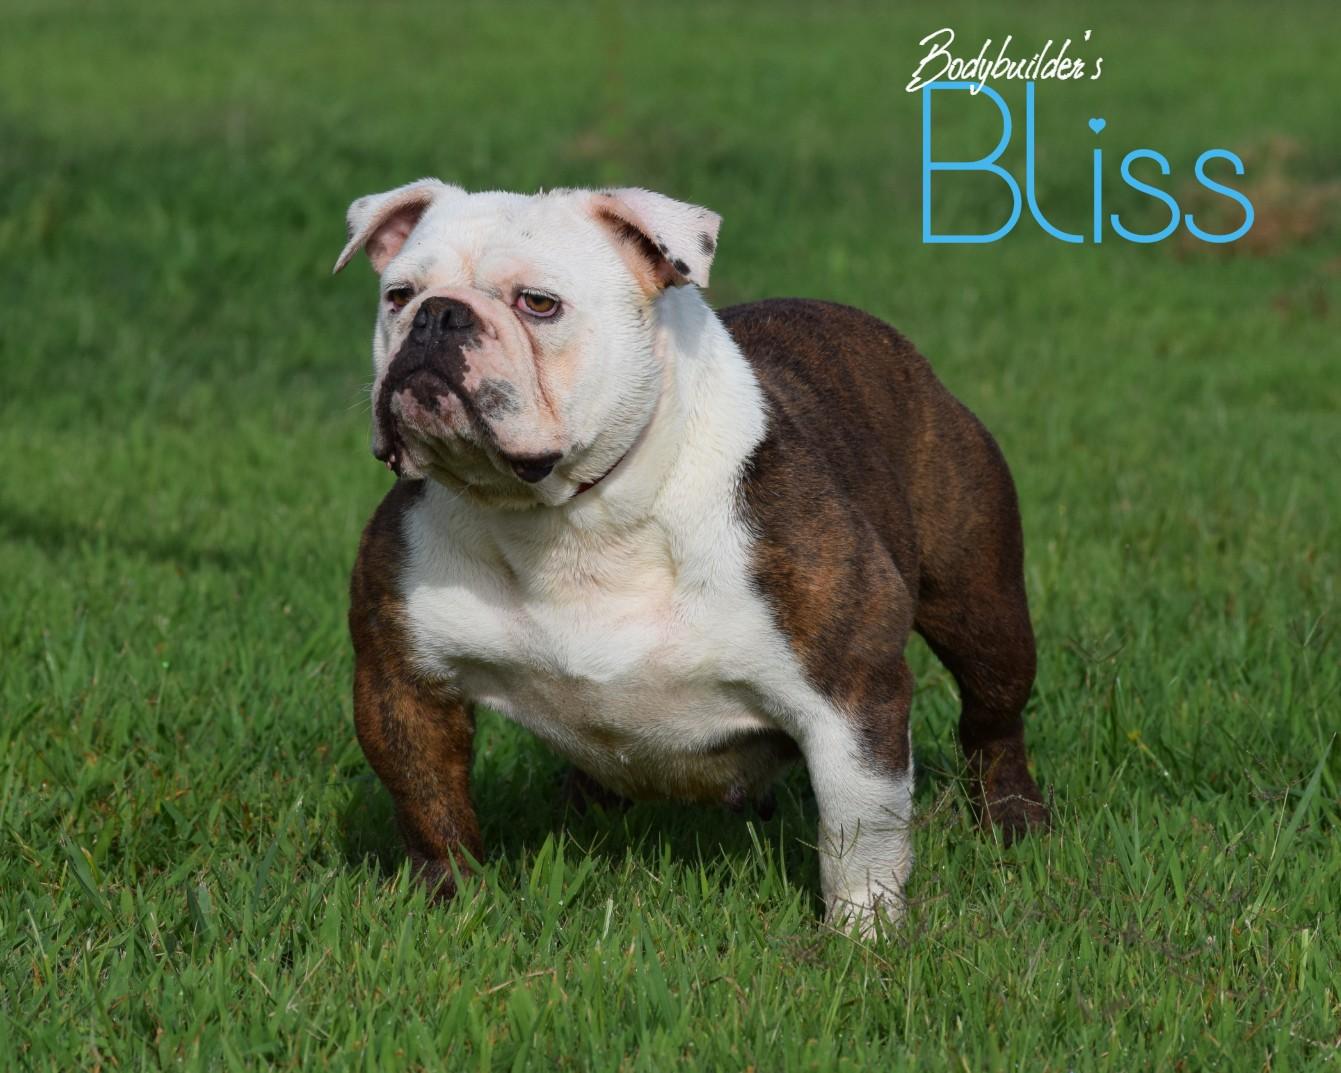 Bodybuilder Bulldog's Bliss